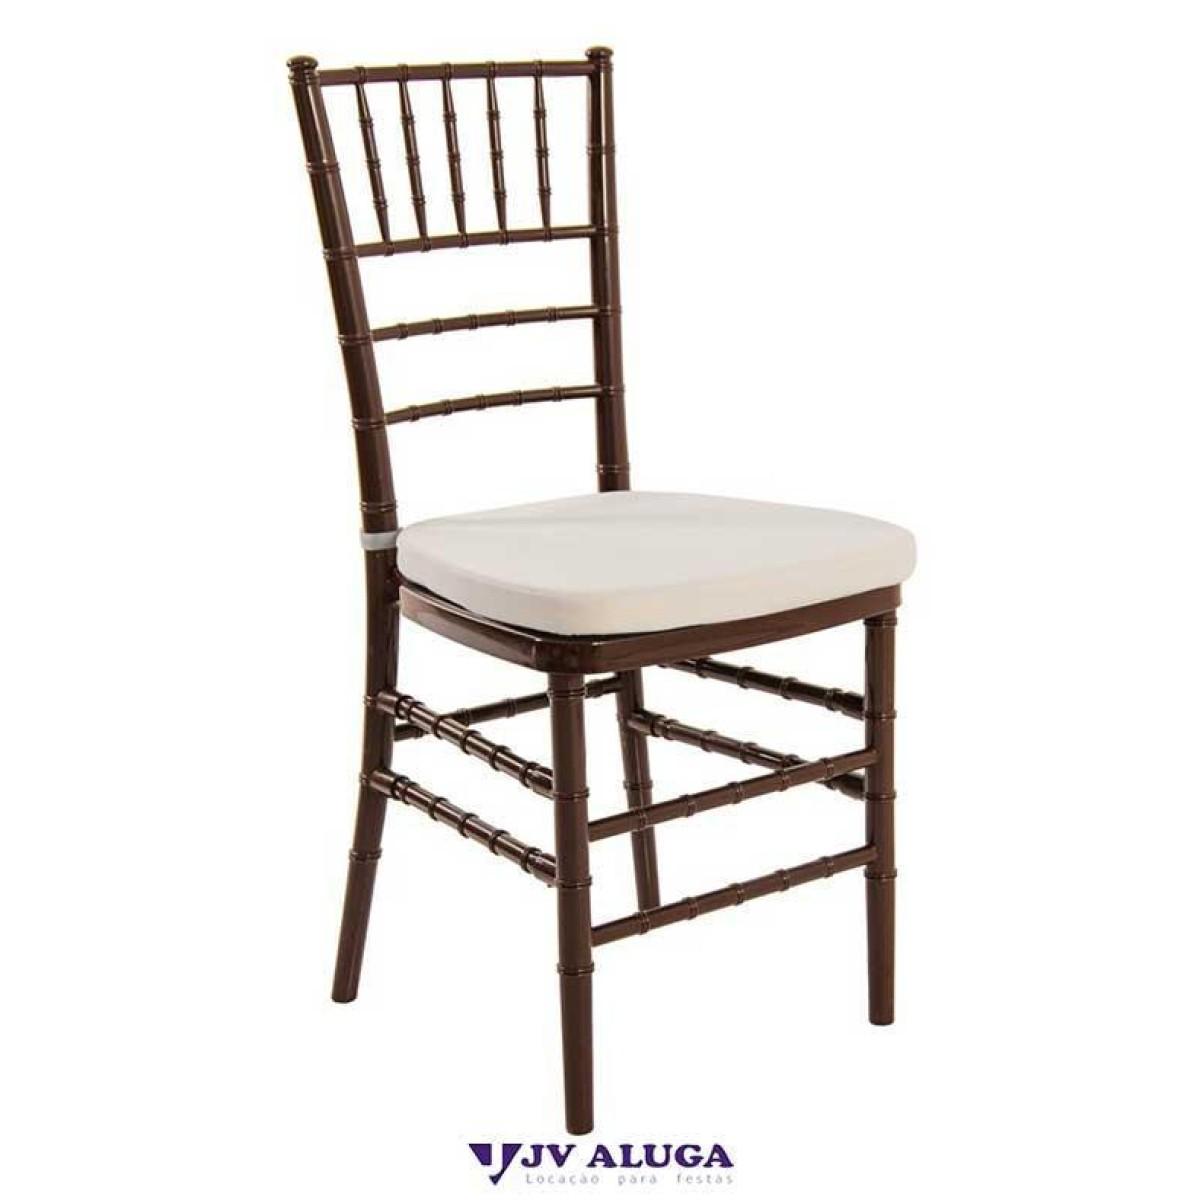 Detalhes do produto Cadeira tiffany nogueira